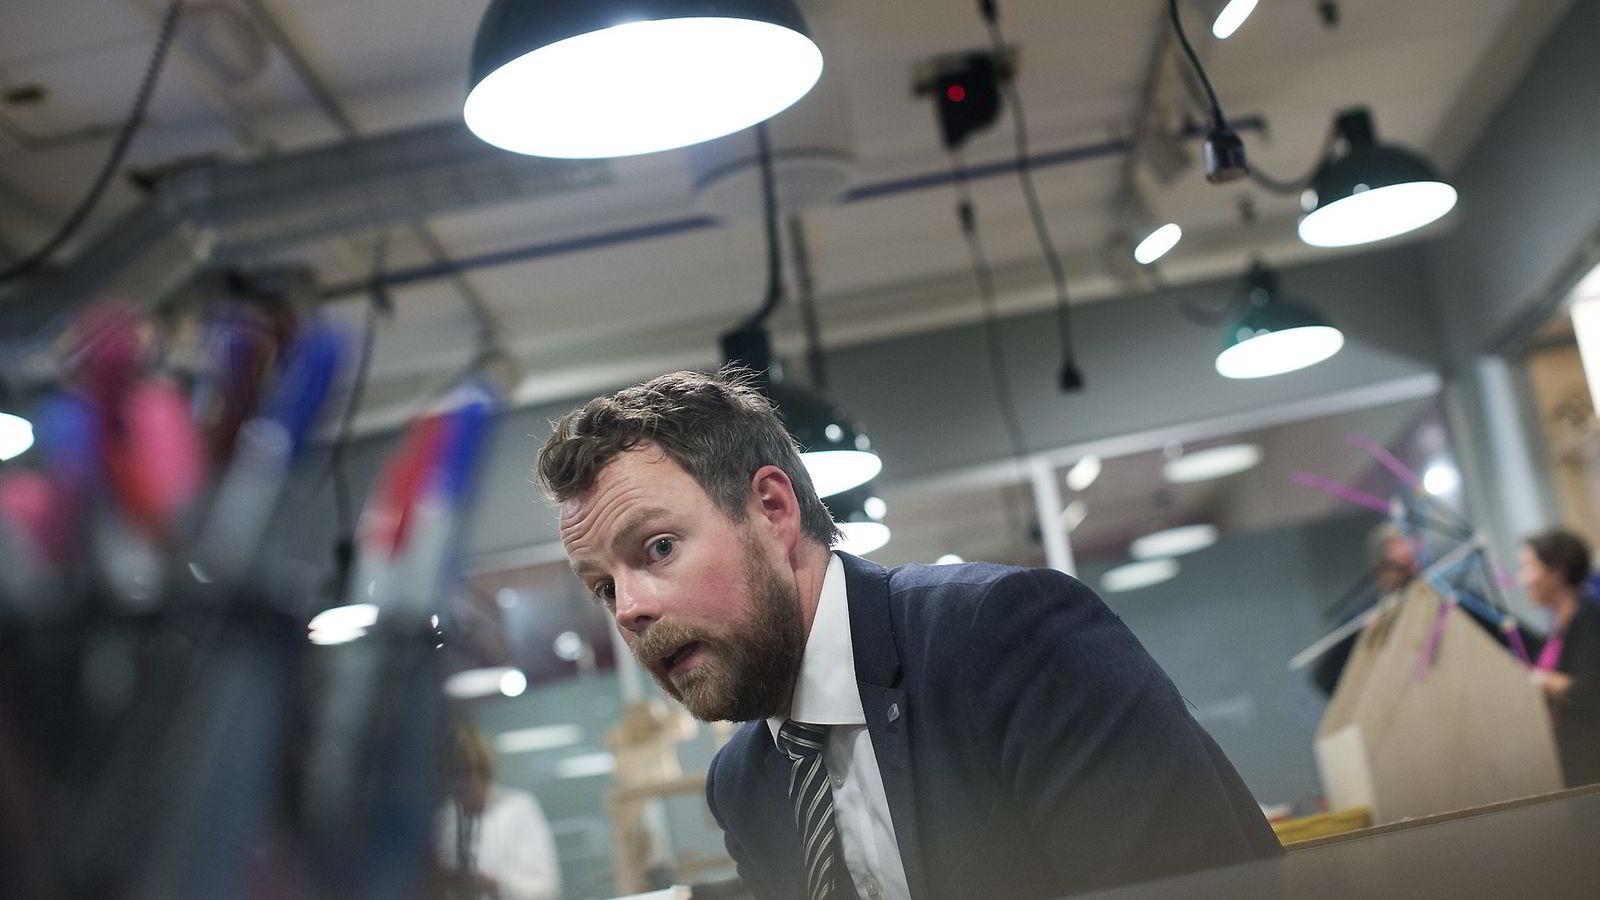 Departementet kunne ha stilt flere spørsmål tidligere om fusjonen, mener kunnskapsminister Torbjørn Røe Isaksen. I stedet ble vanlig praksis for oppfølging av privatskoler fulgt.